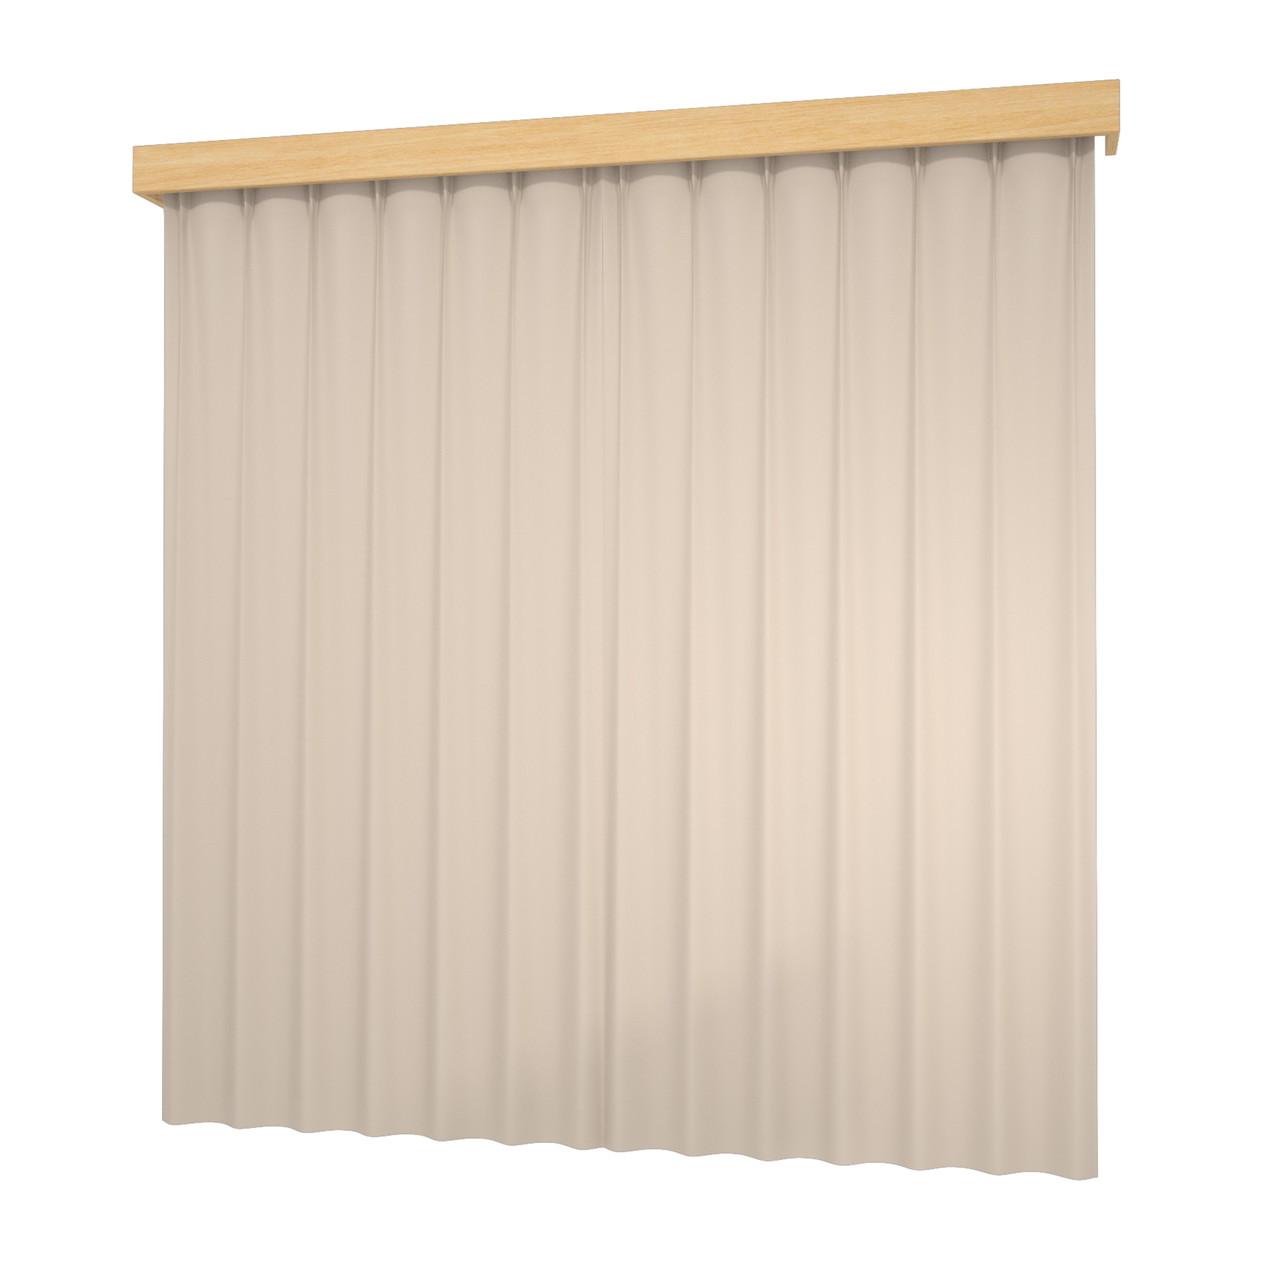 閉じたカーテンとレースカーテン・カーテンボックス(ベージュ)の3DCADデータ│遮光カーテン レースのカーテン│3d cad データ フリー 無料 商用可能 建築パース フリー素材 formZ 3D 3ds obj インテリア interior curtain